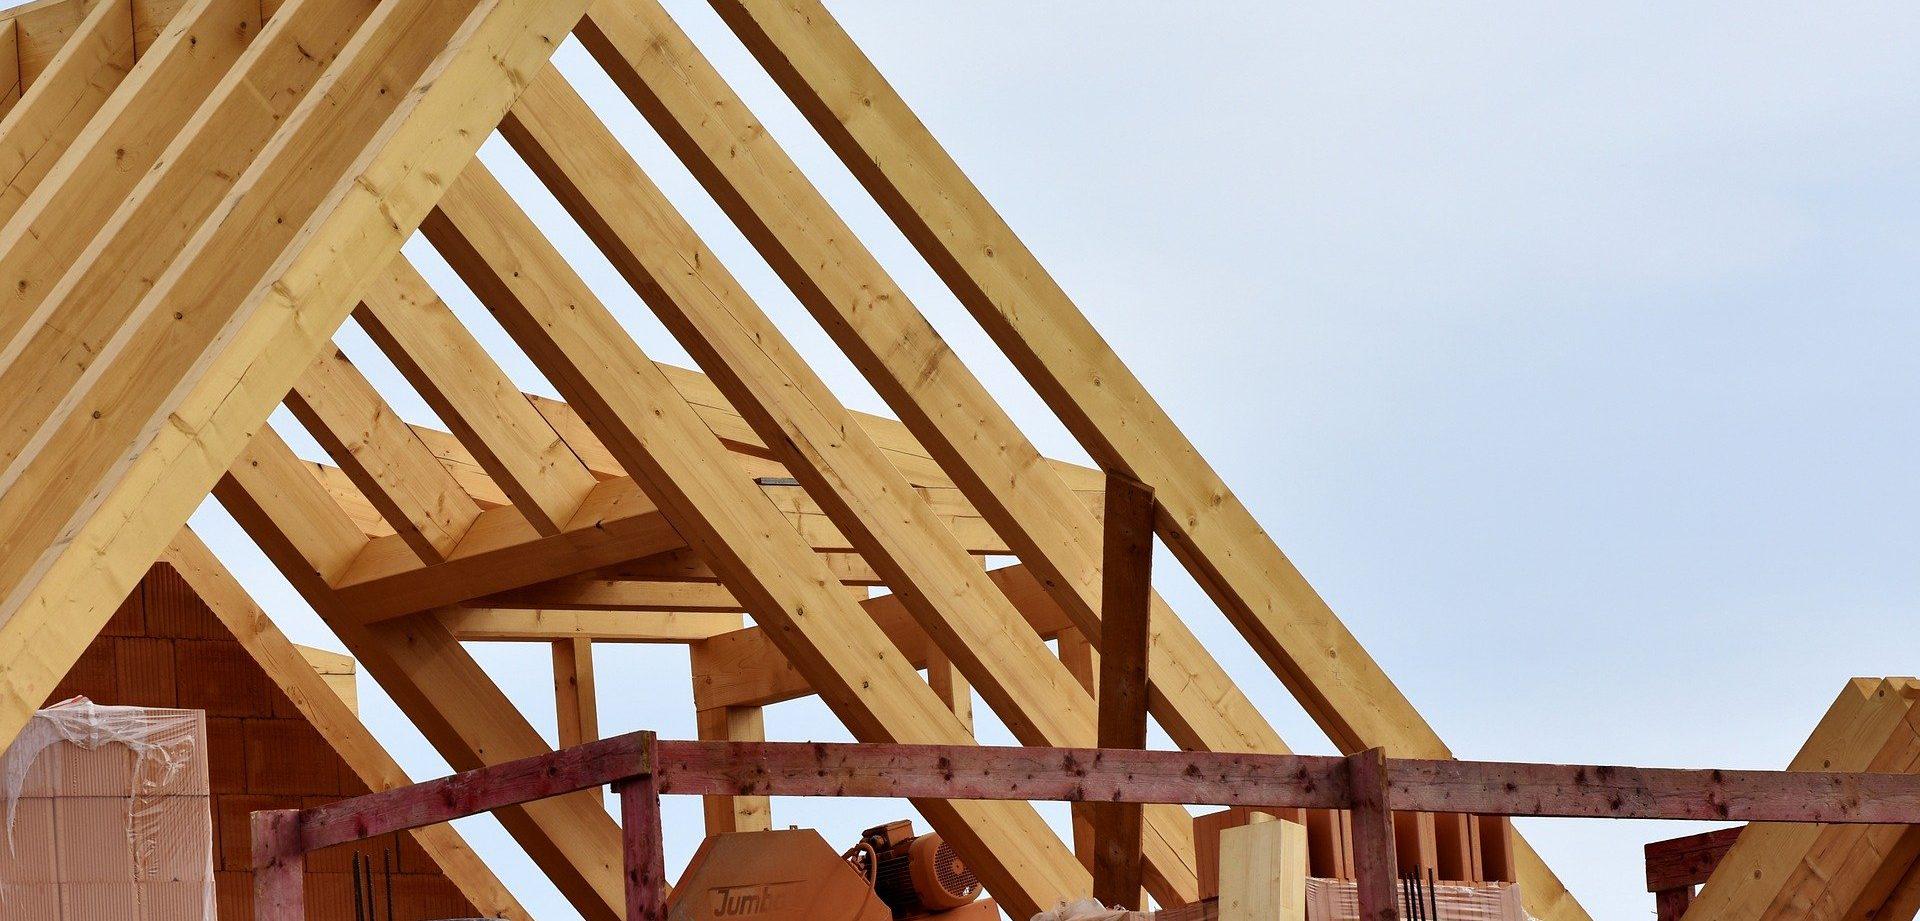 Dachstuhl Holz